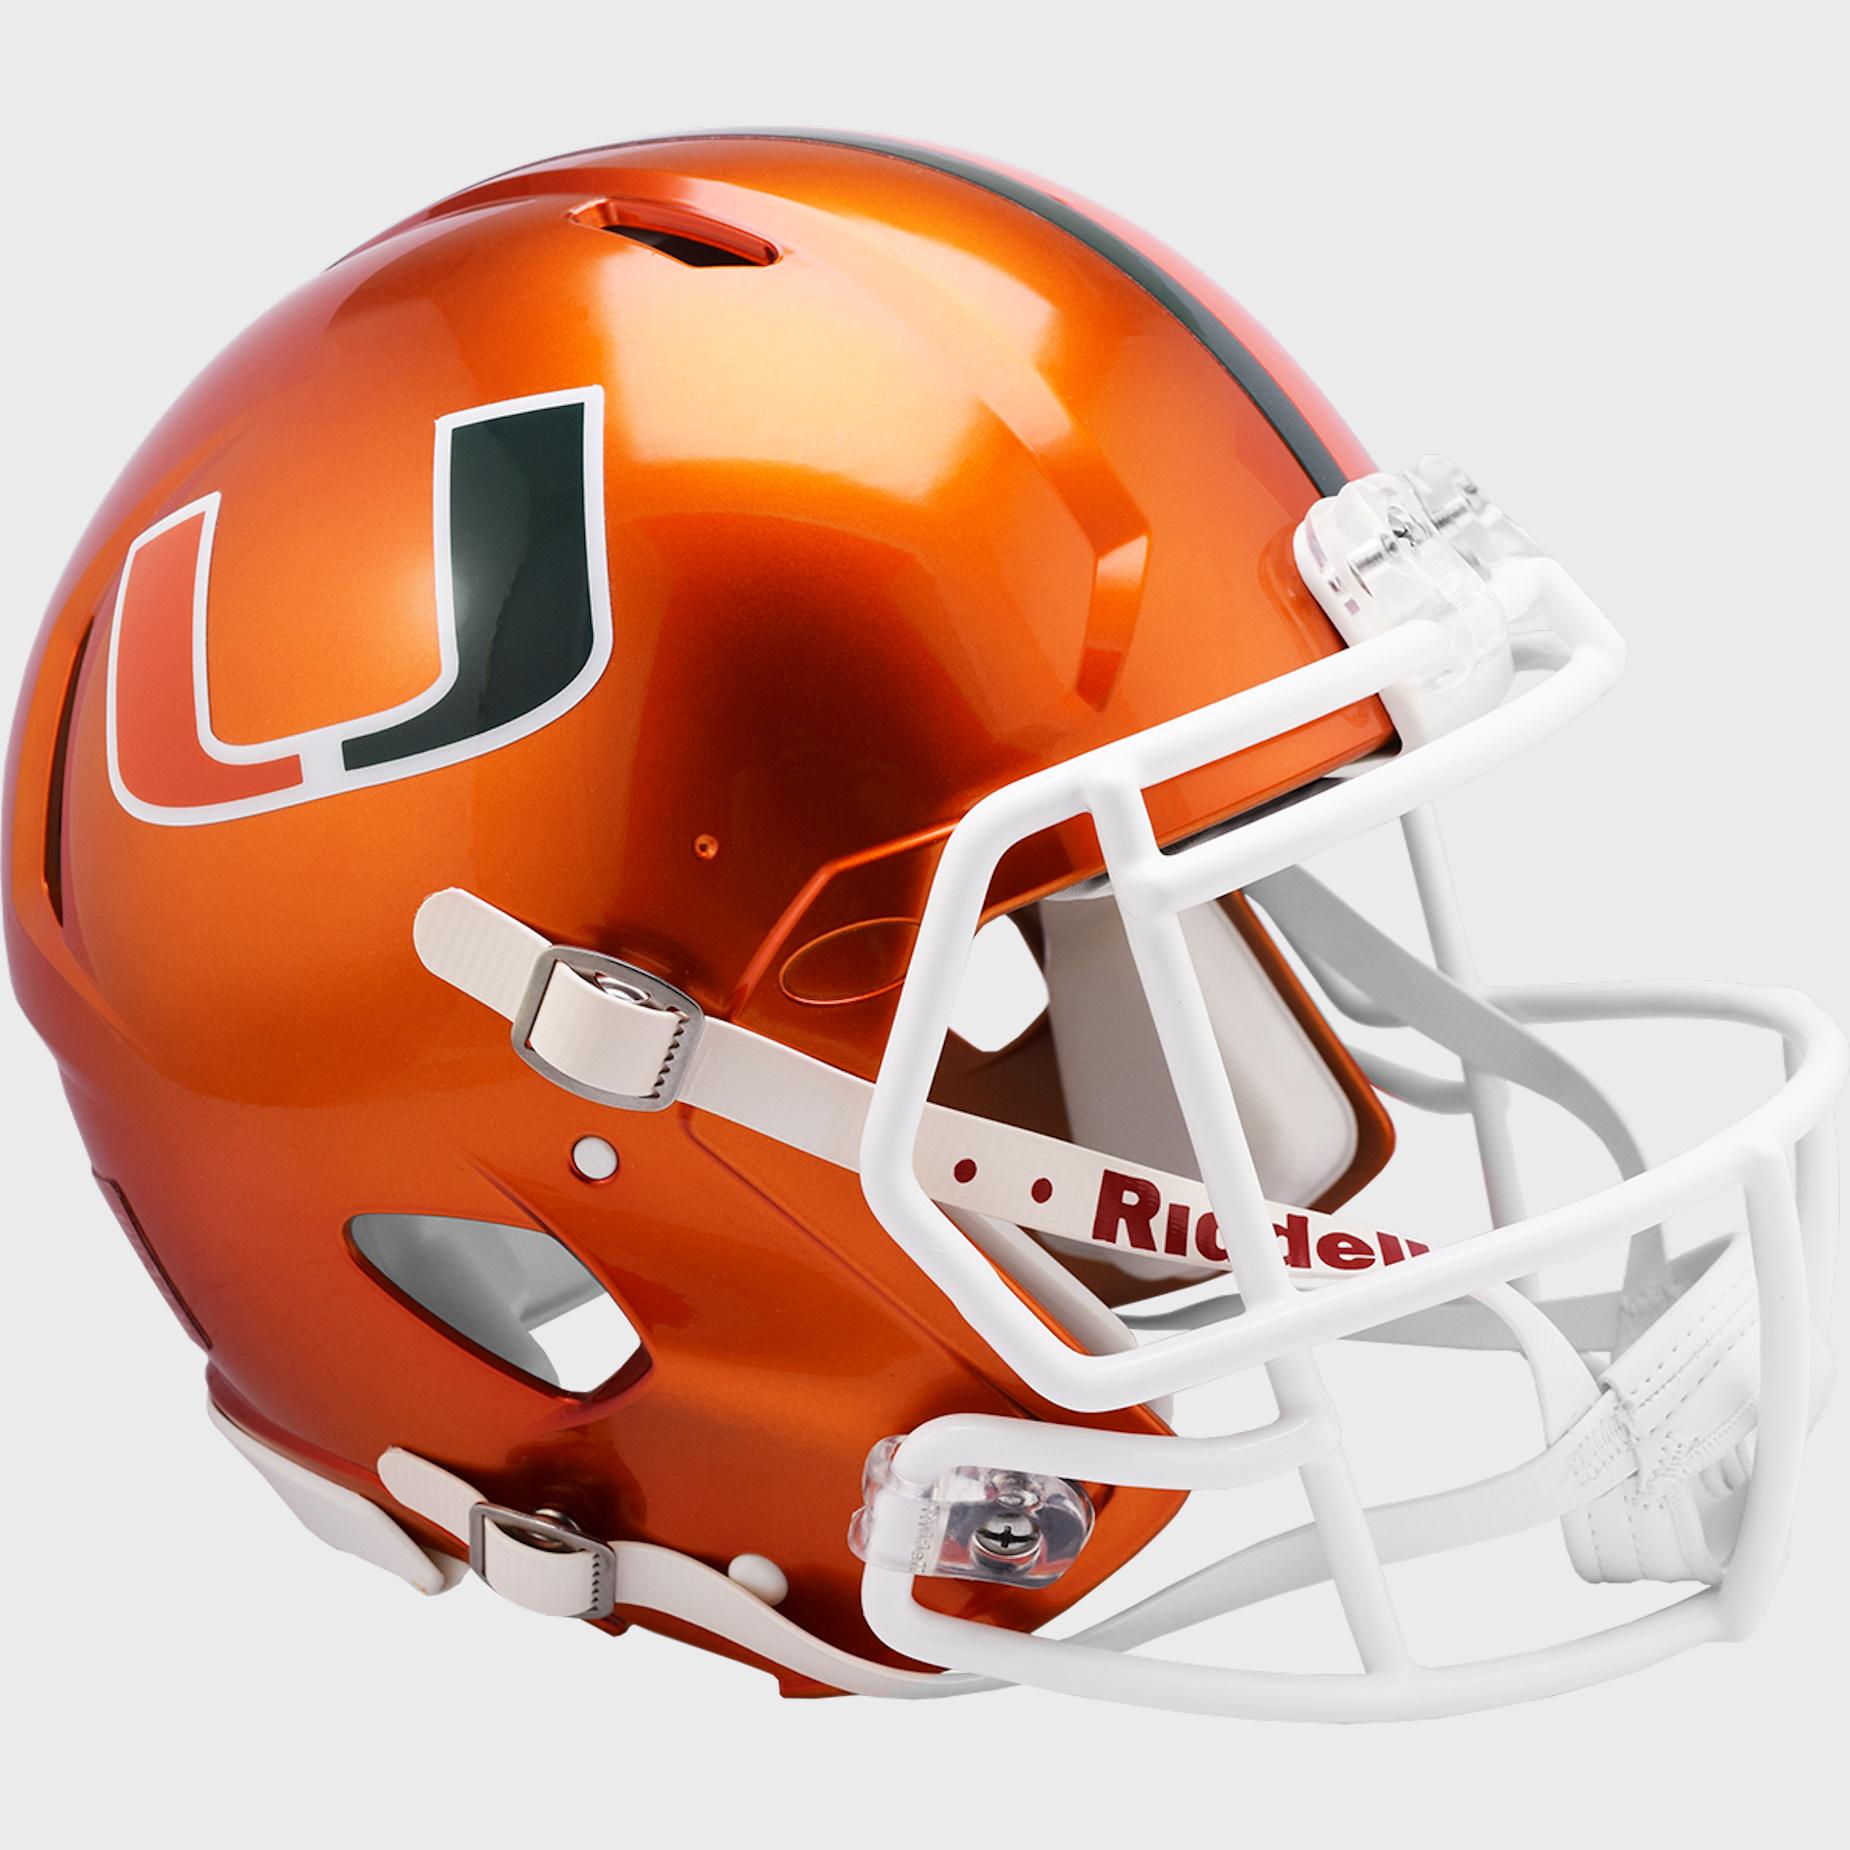 Miami Hurricanes Speed Football Helmet <B>FLASH ESD 8/21/21</B>